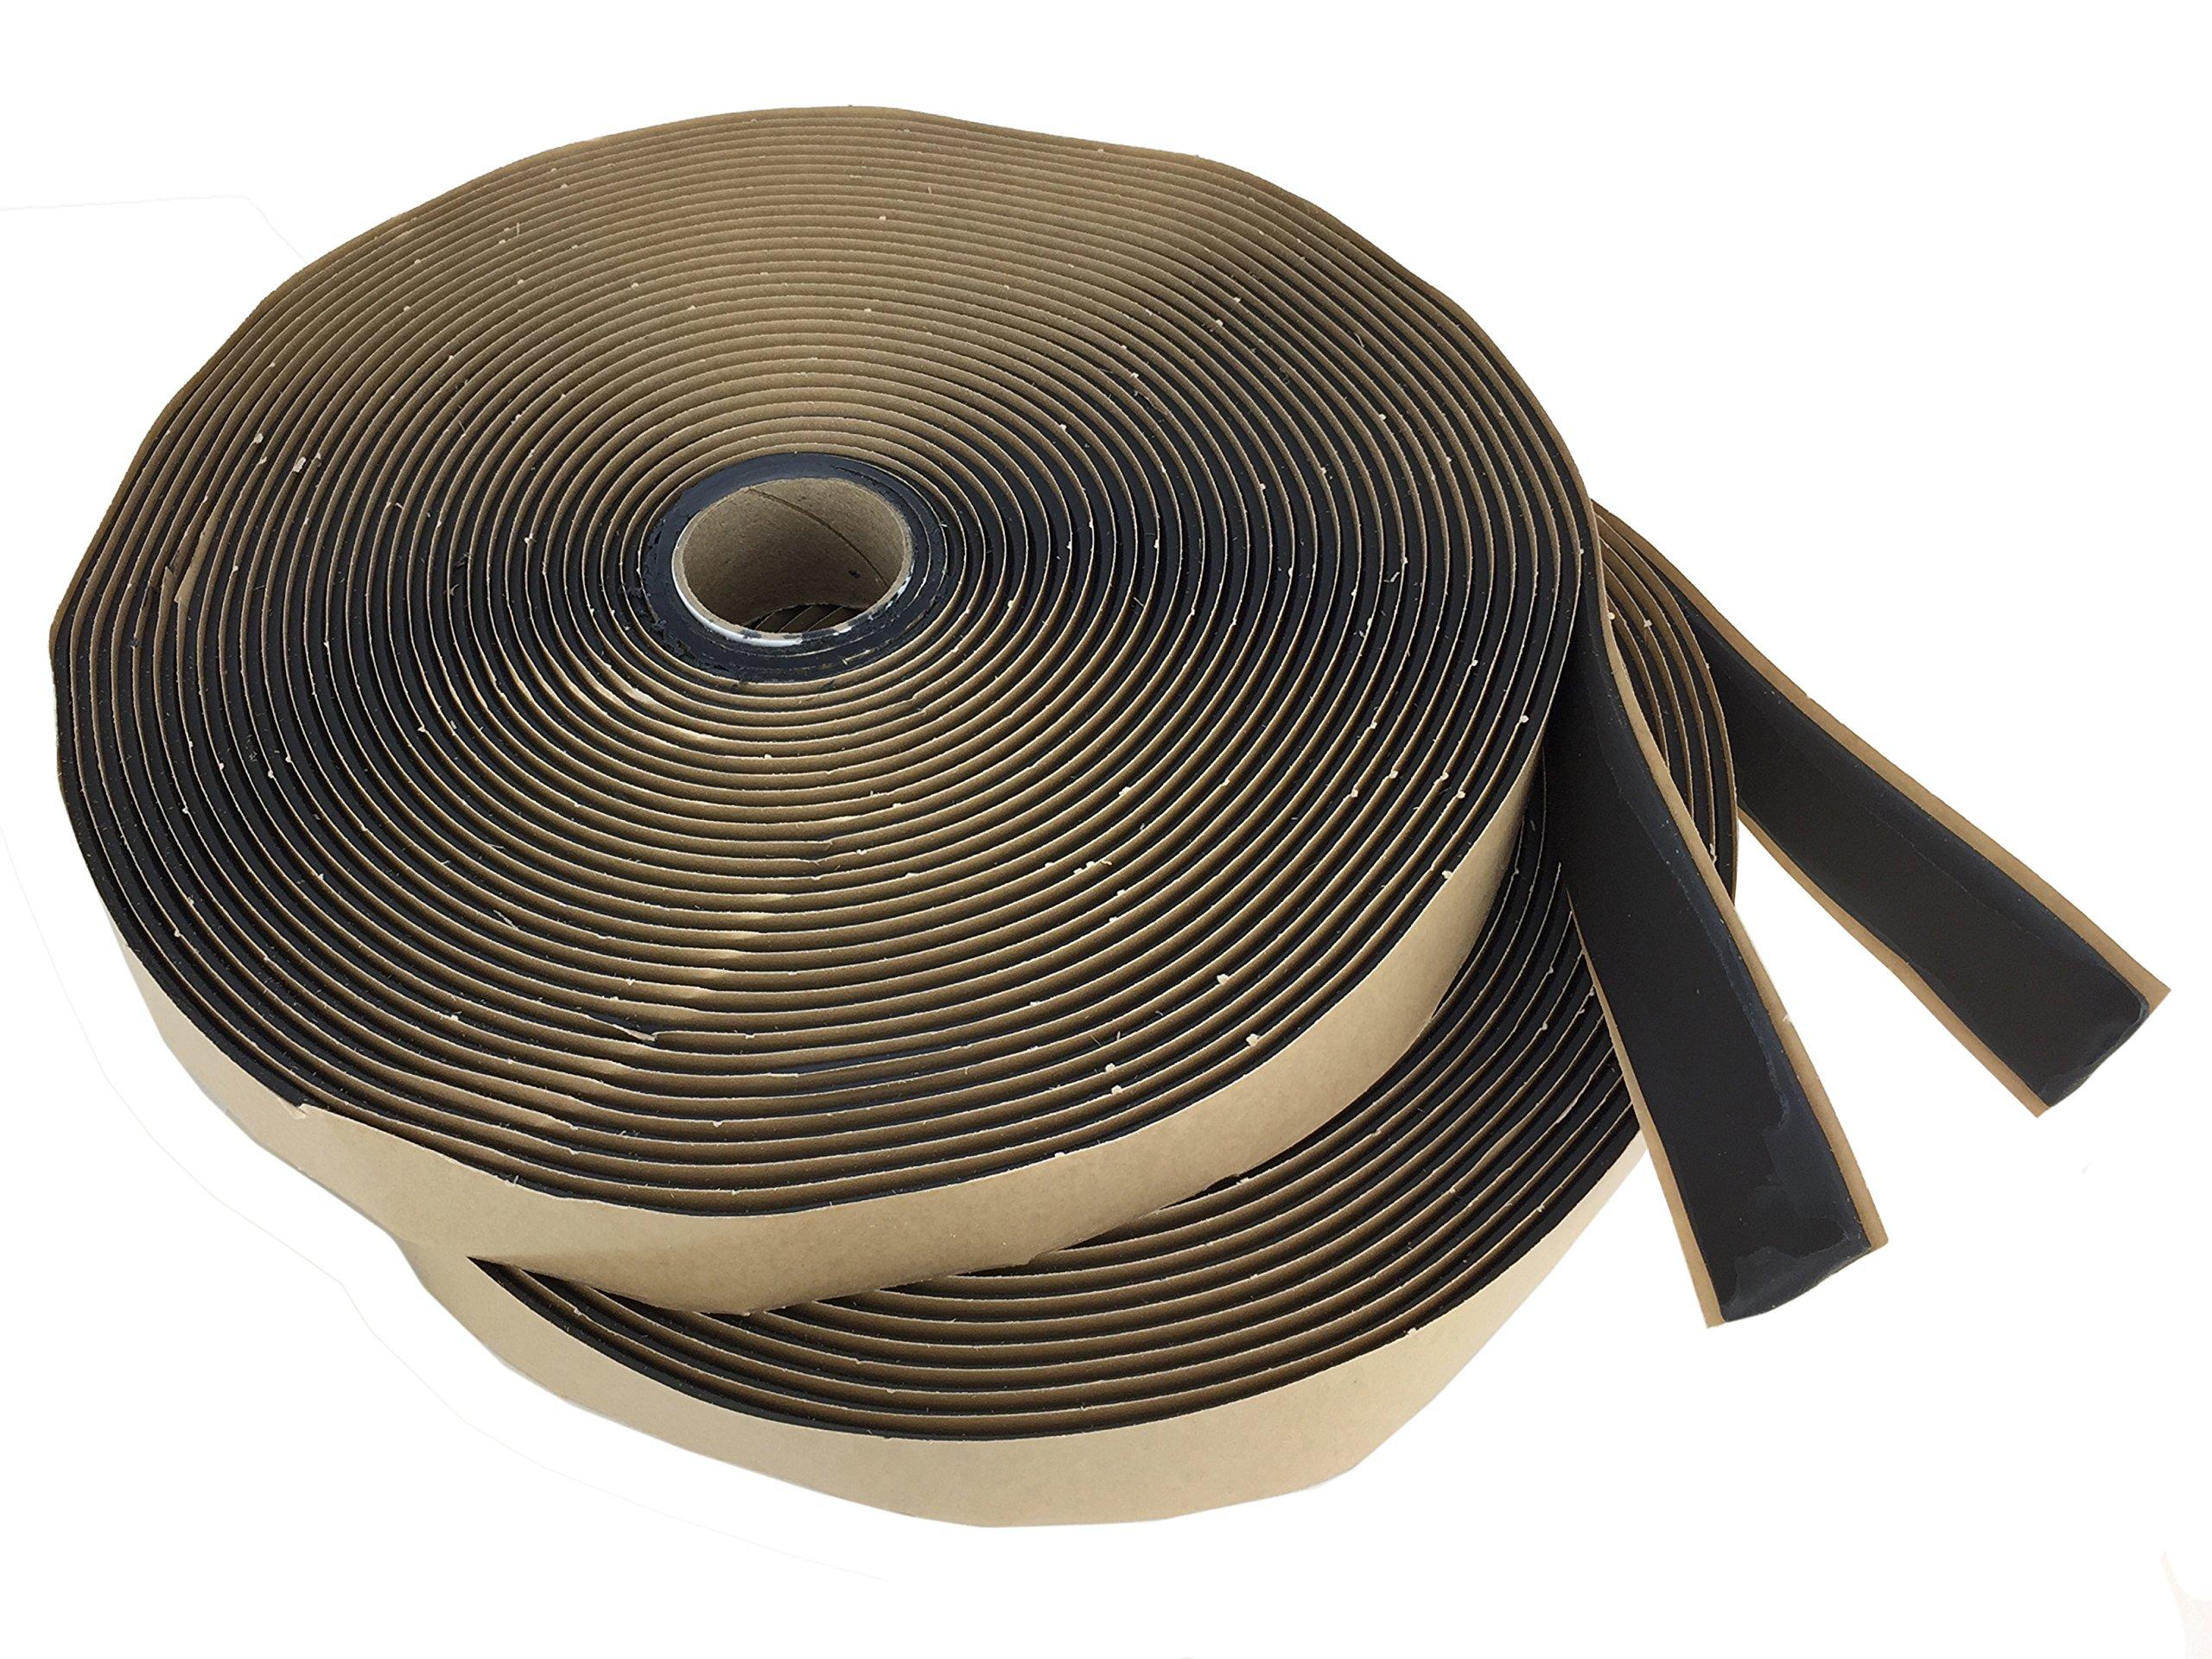 GSSI Sealants Butyl Tape 1/8'' x 1'' x 100' (2 Rolls at 50') Black by GSSI Sealants (Image #1)